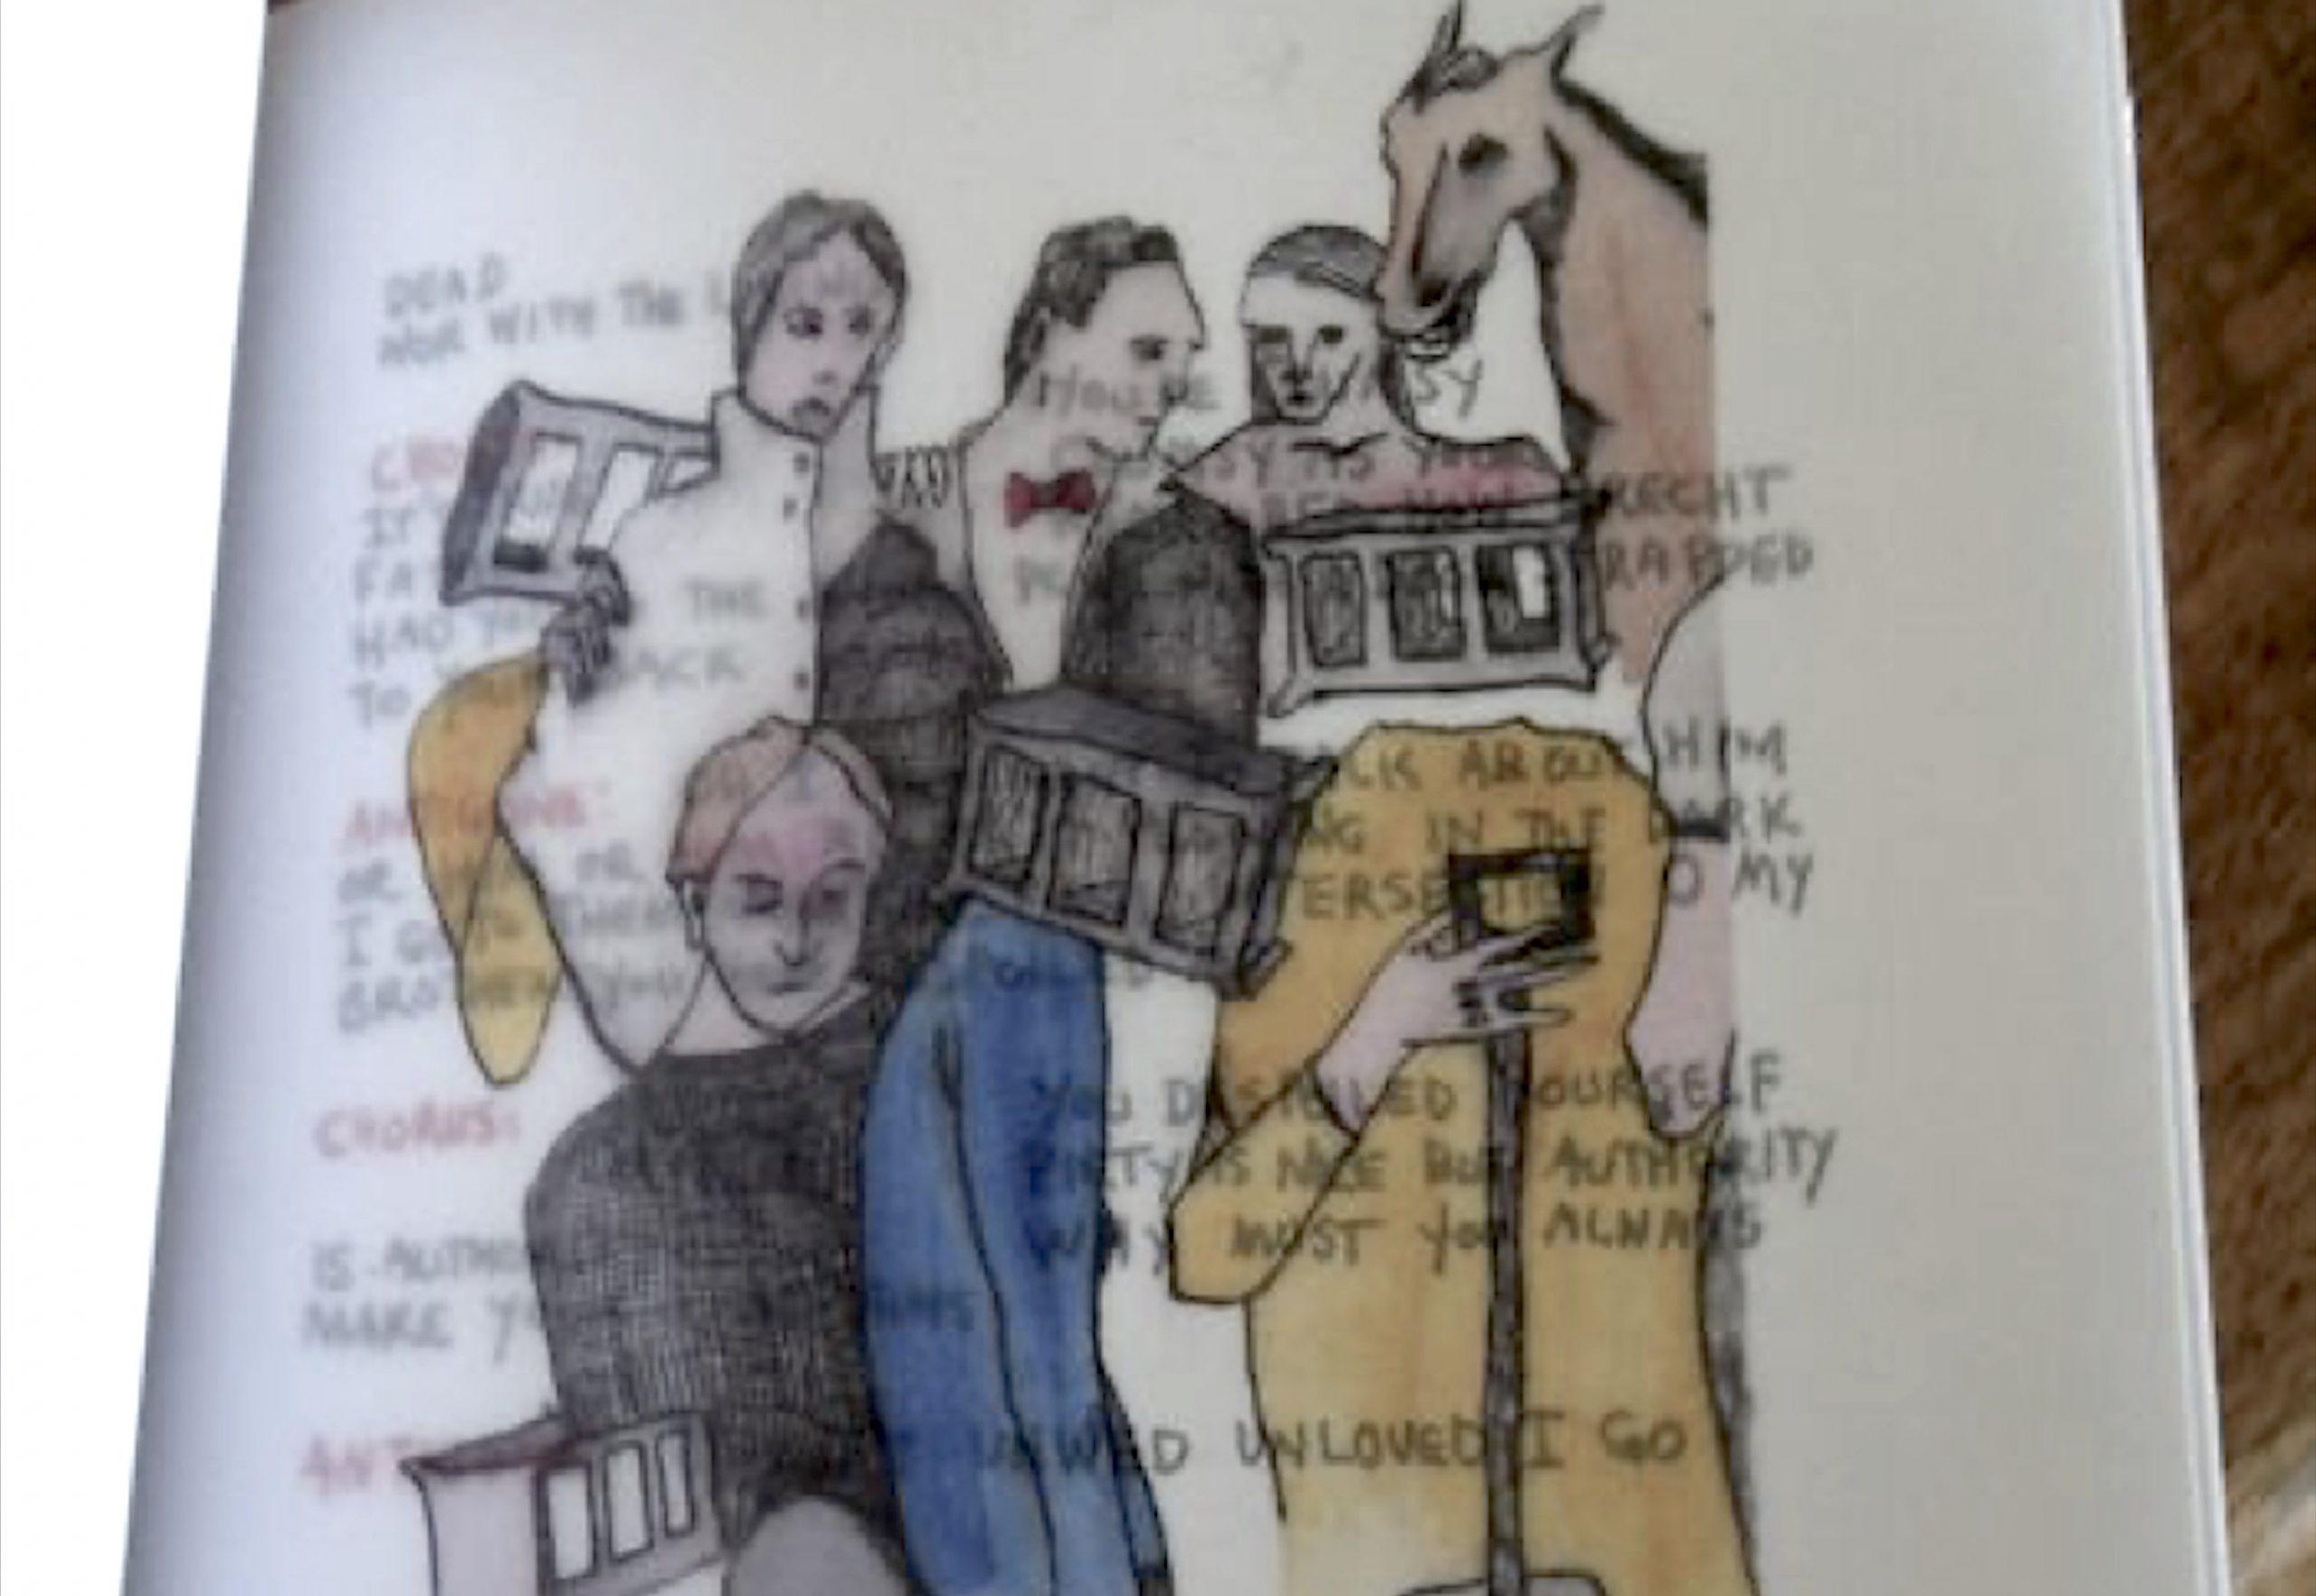 Antigone and Friends